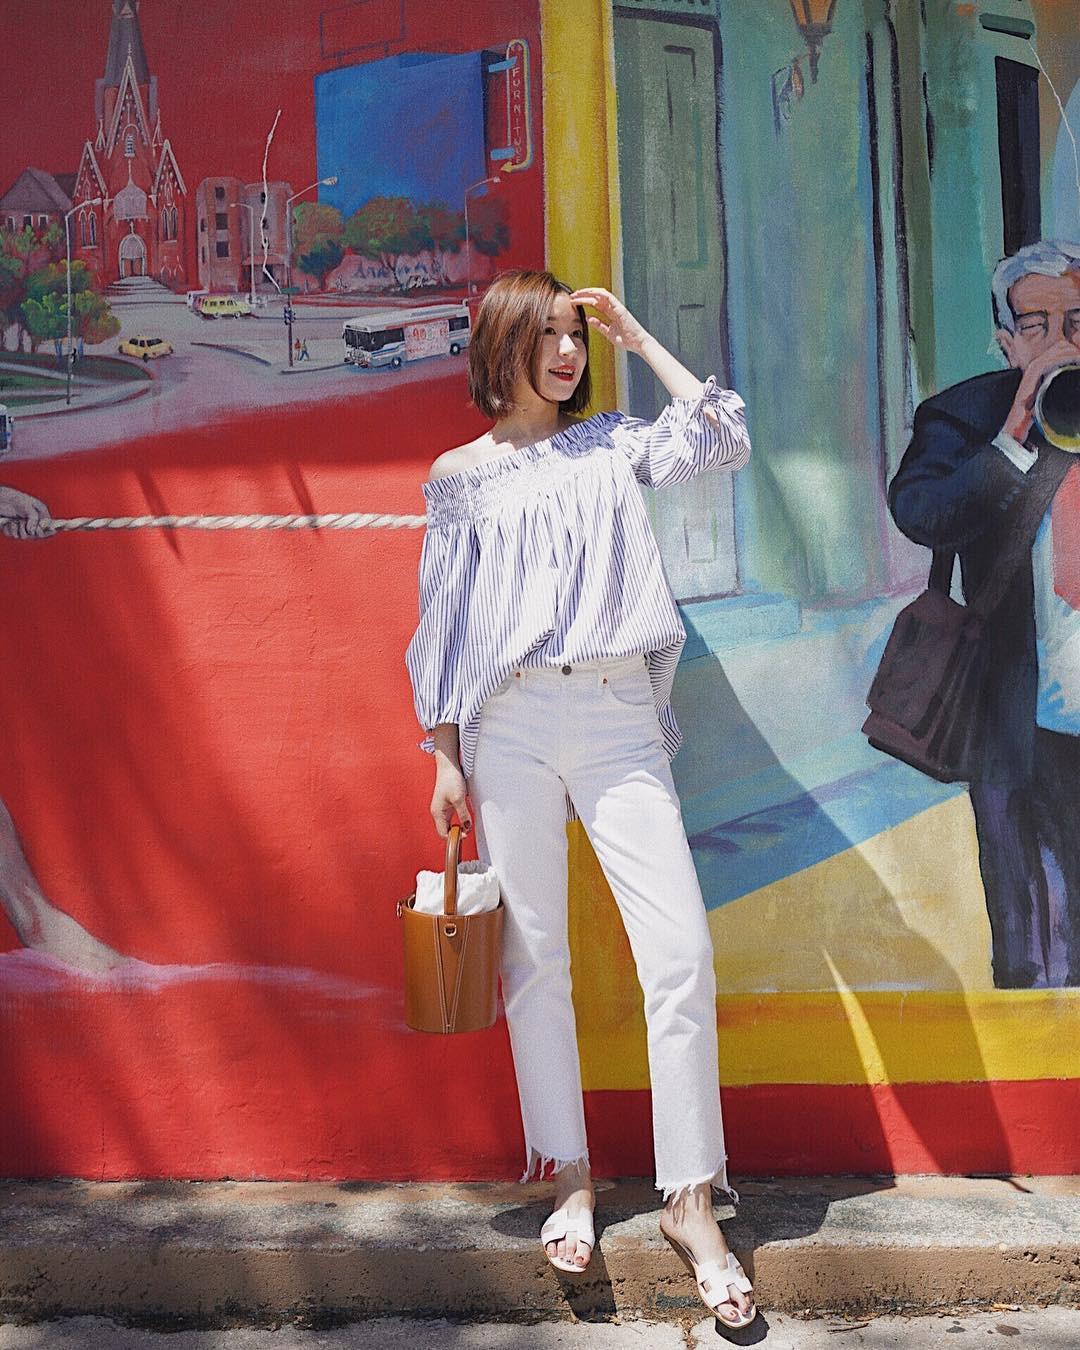 Có một kiểu quần mà các nàng cứ diện lên sẽ trẻ trung và nữ tính hơn bội phần, đó chính là quần jeans trắng - 9